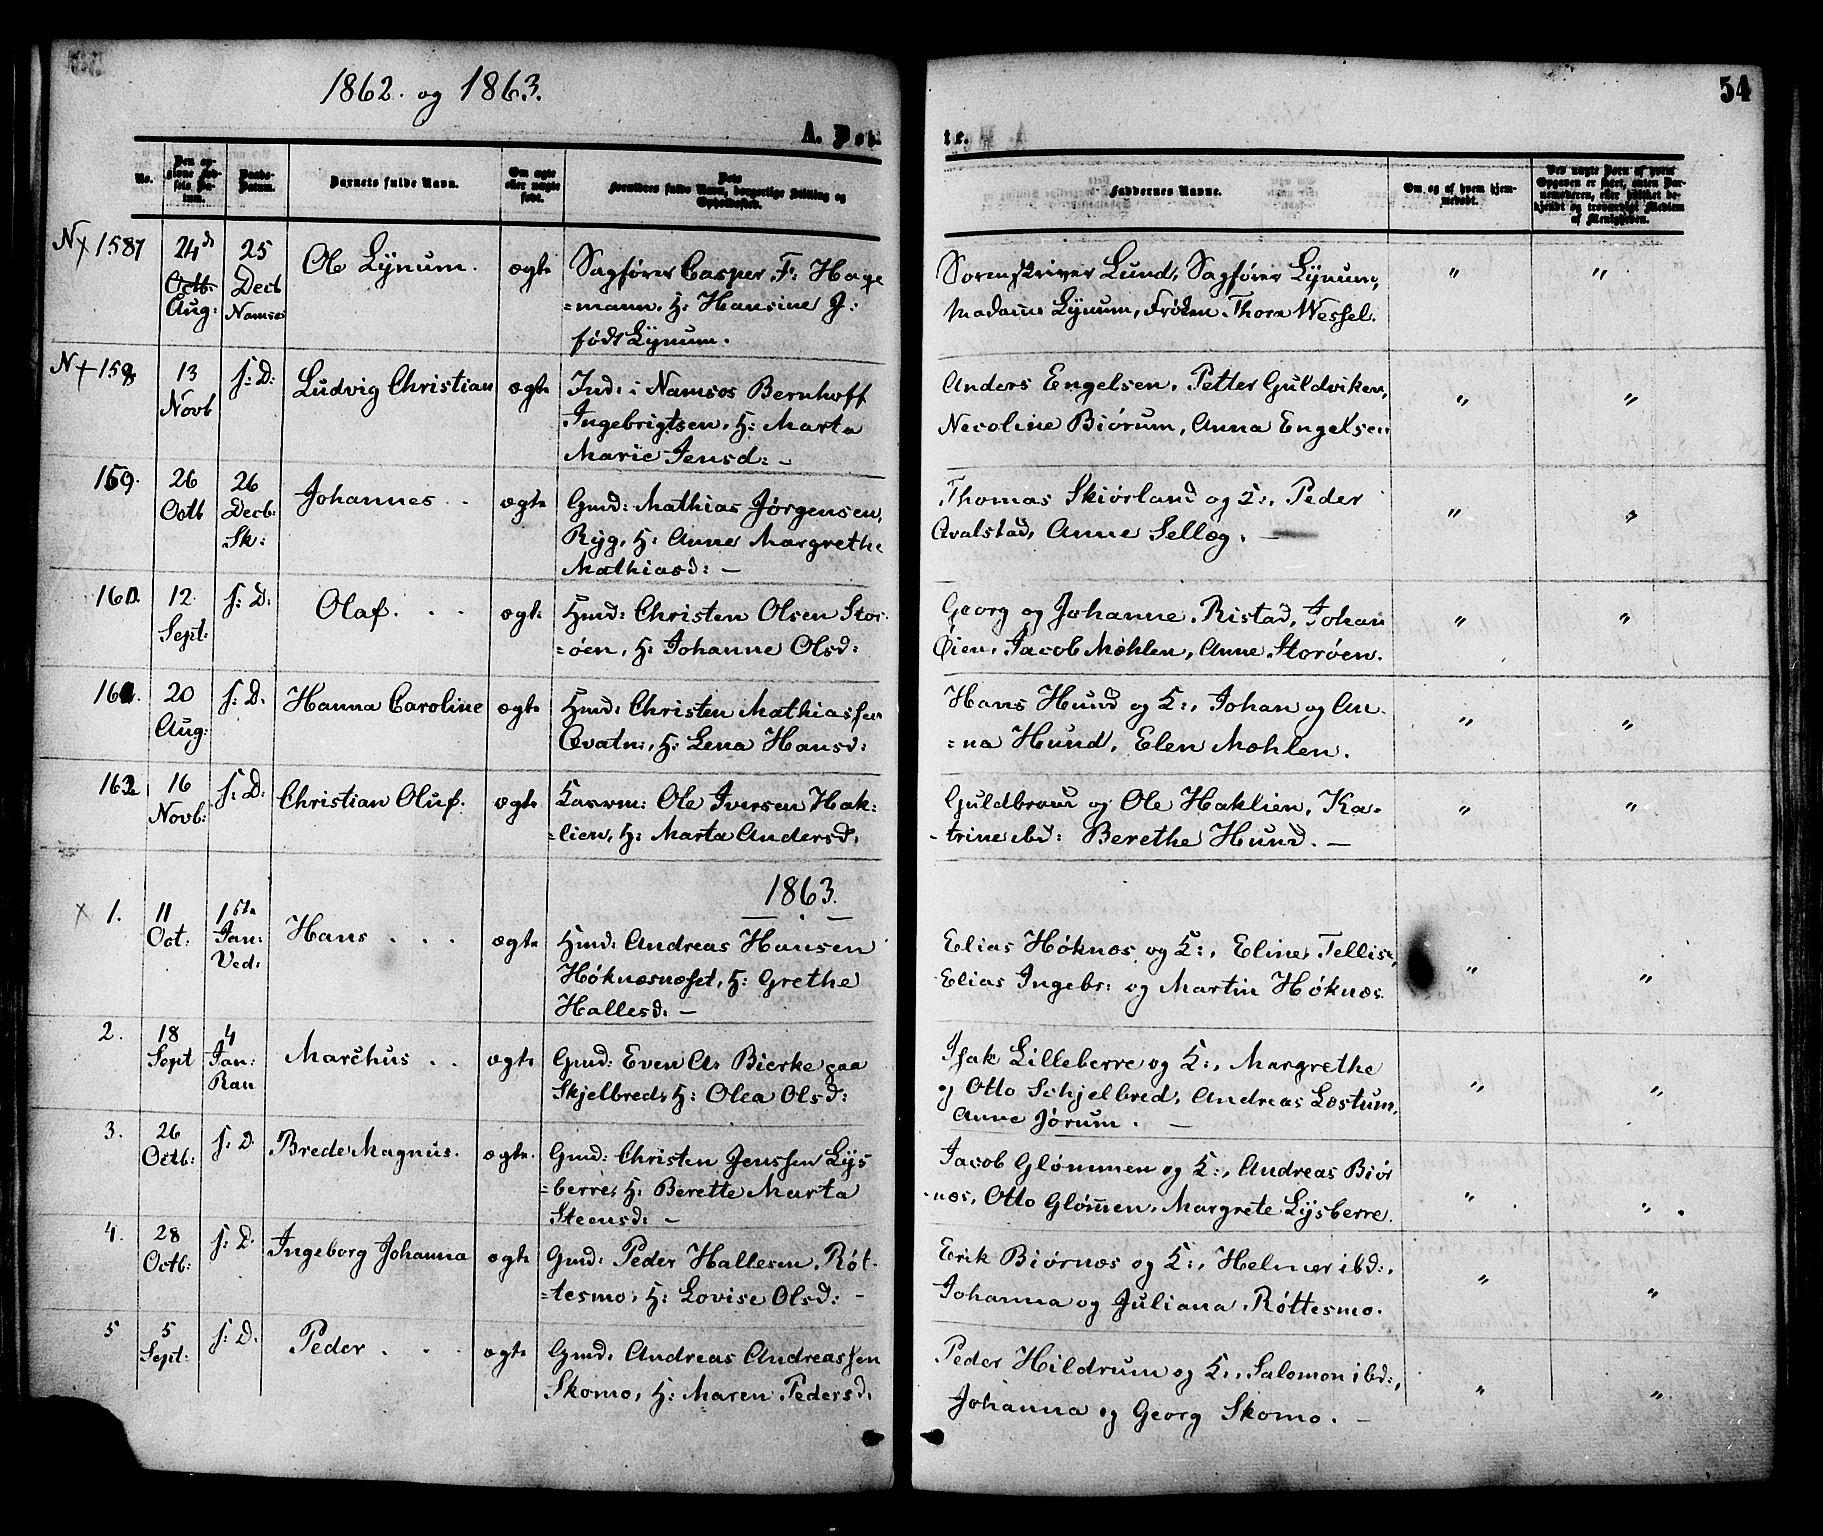 SAT, Ministerialprotokoller, klokkerbøker og fødselsregistre - Nord-Trøndelag, 764/L0553: Ministerialbok nr. 764A08, 1858-1880, s. 54